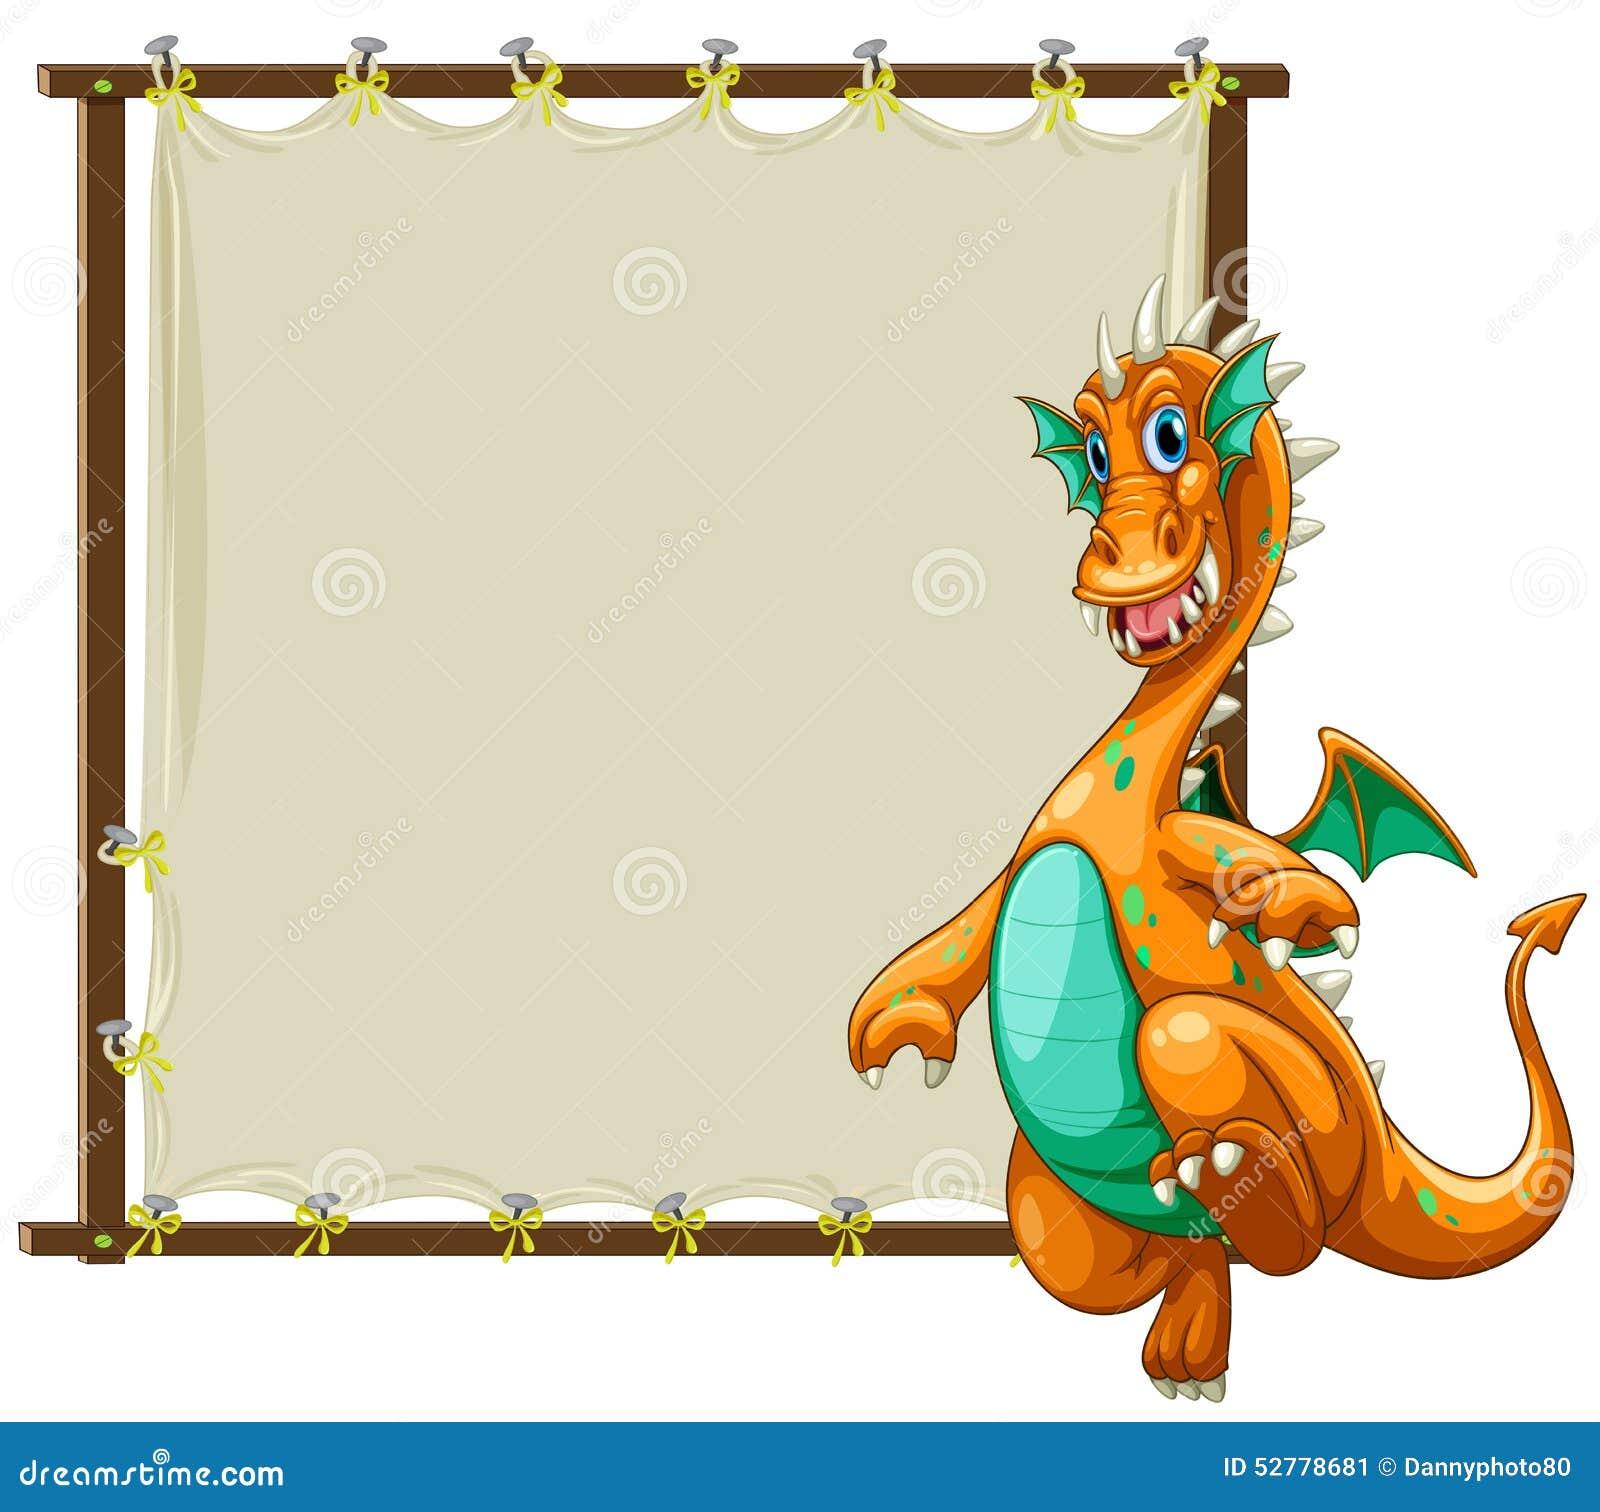 dragon and frame - Dragon Frame